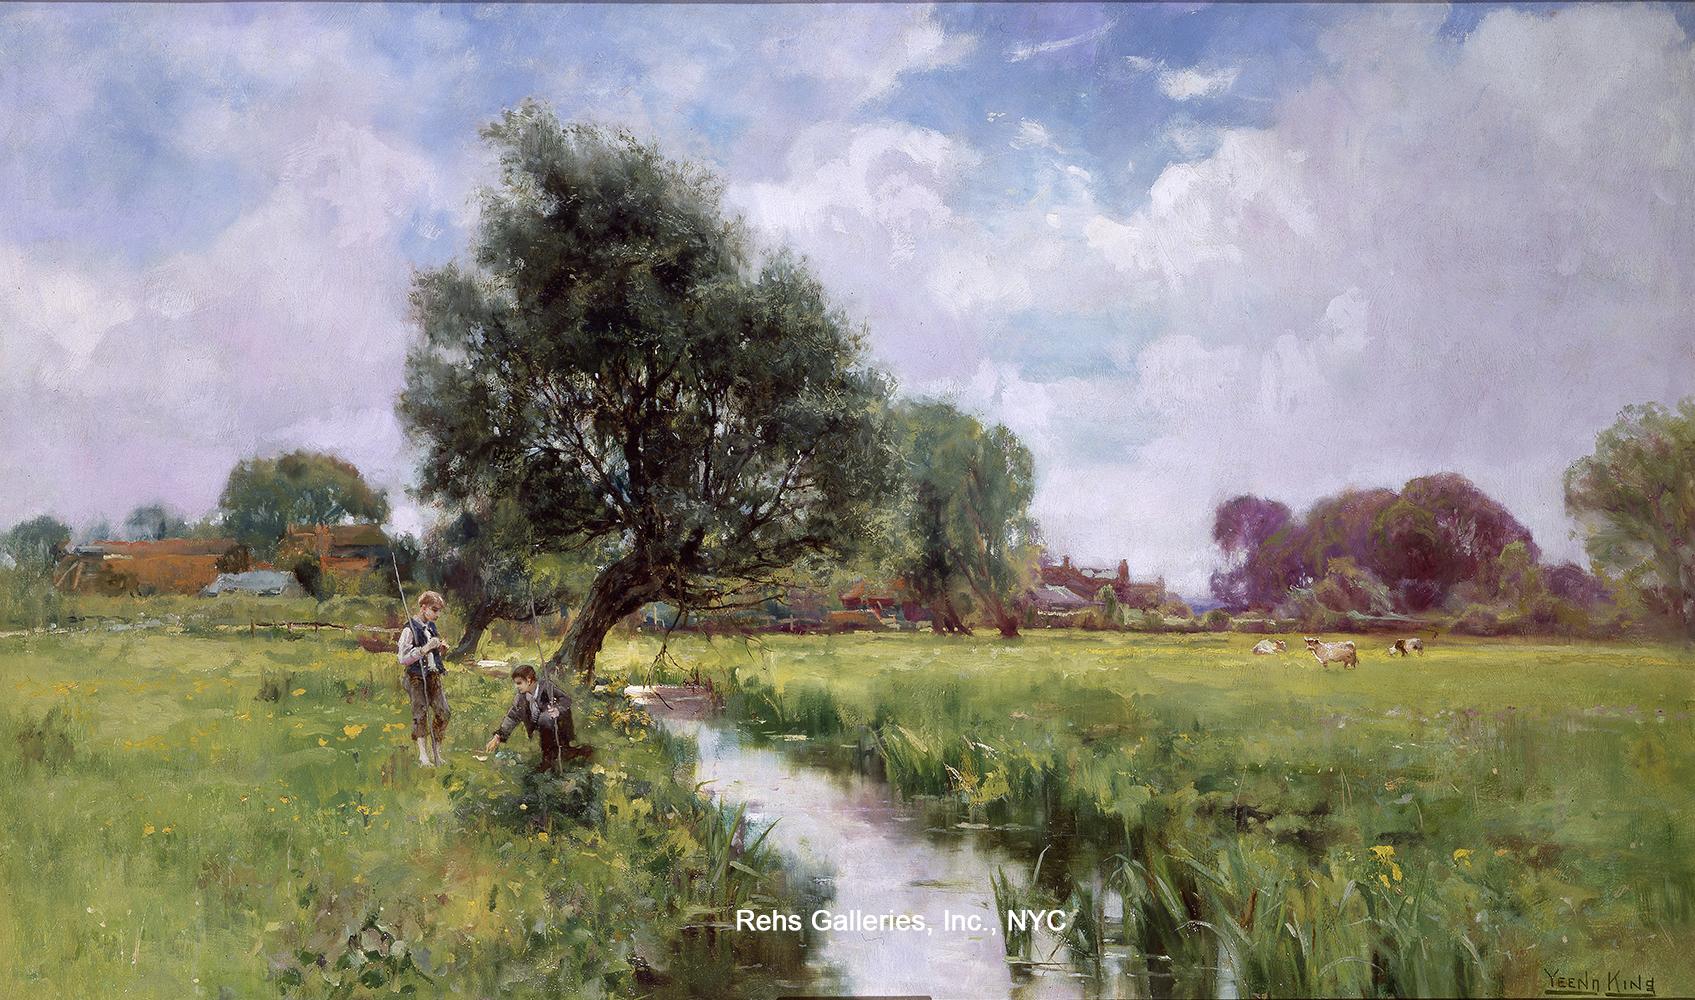 henry_john_yeend_king_a3193_fishing_by_the_river_wm.jpg